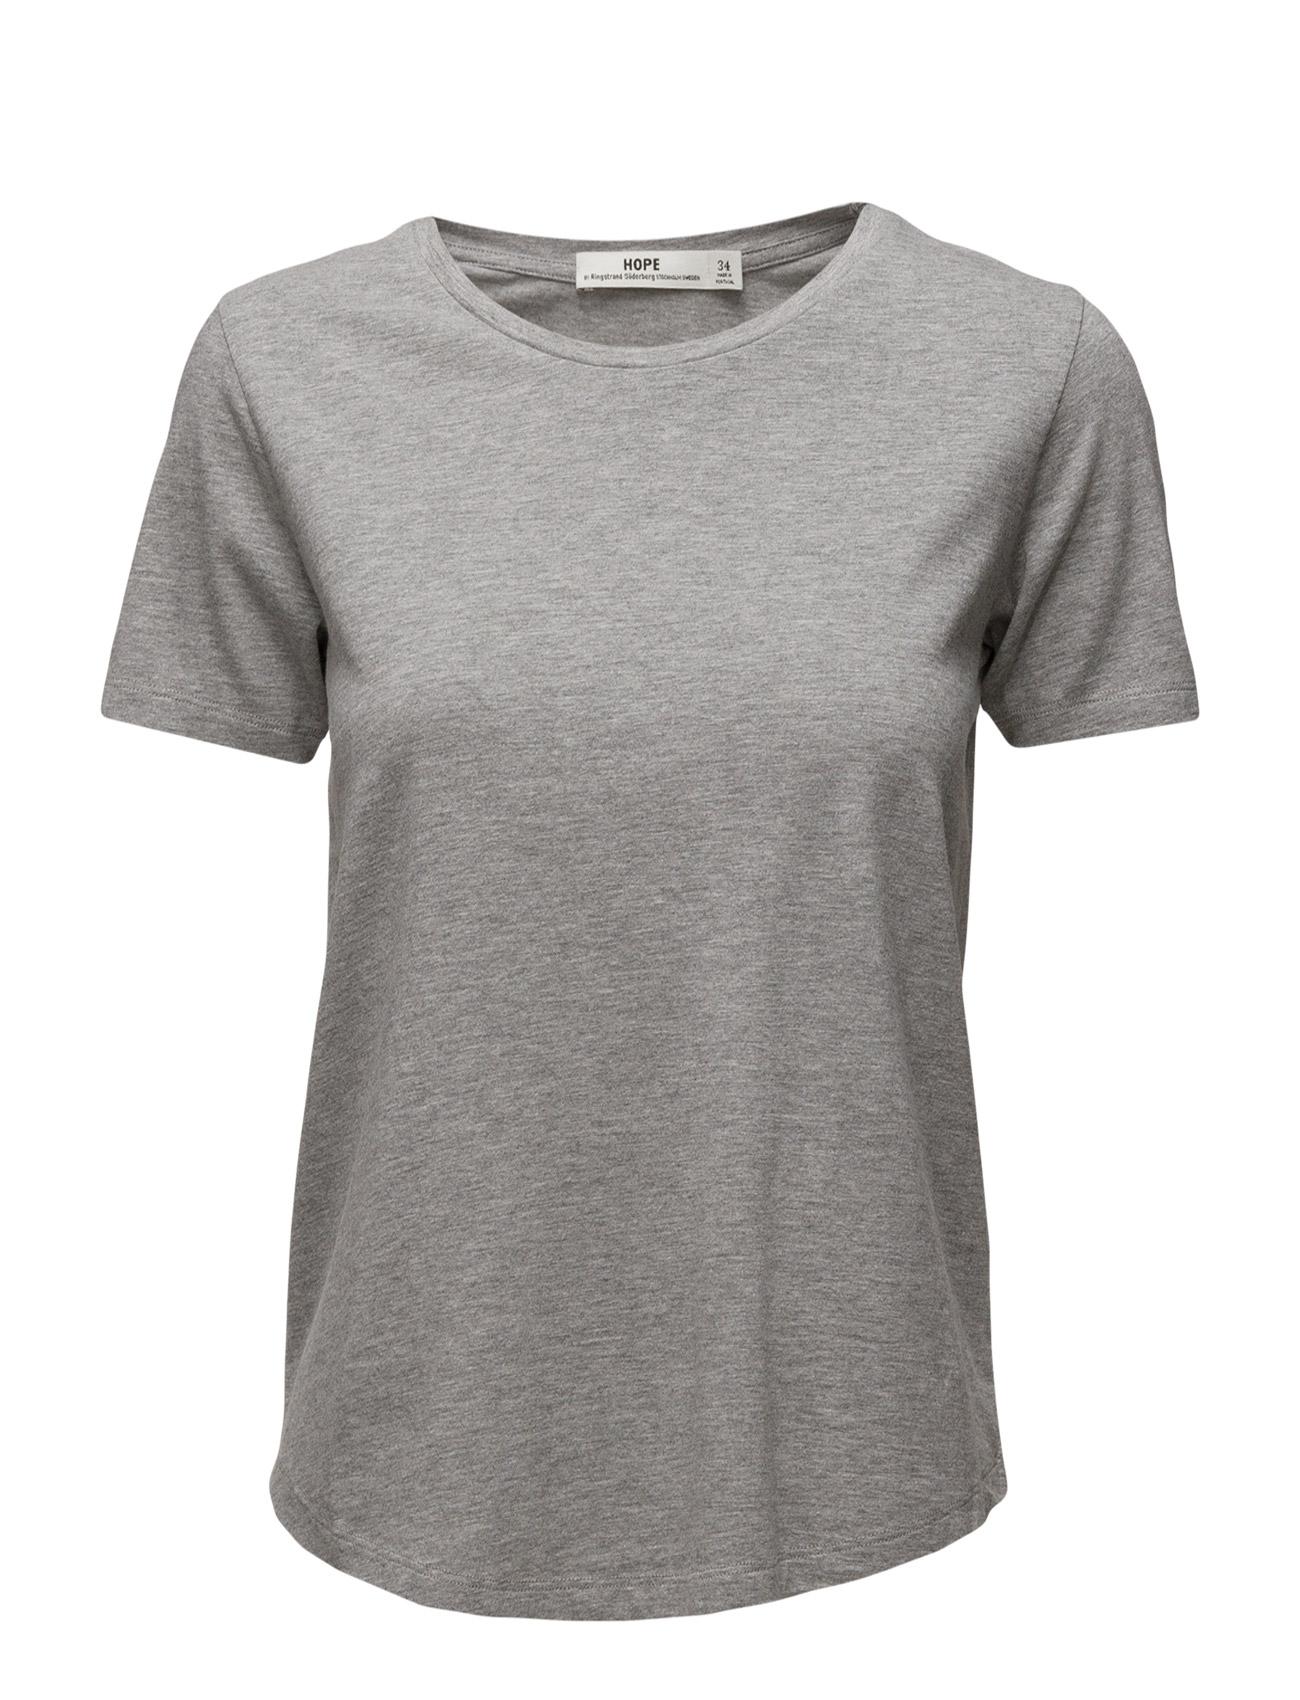 One Tee Hope T-shirts & toppe til Kvinder i